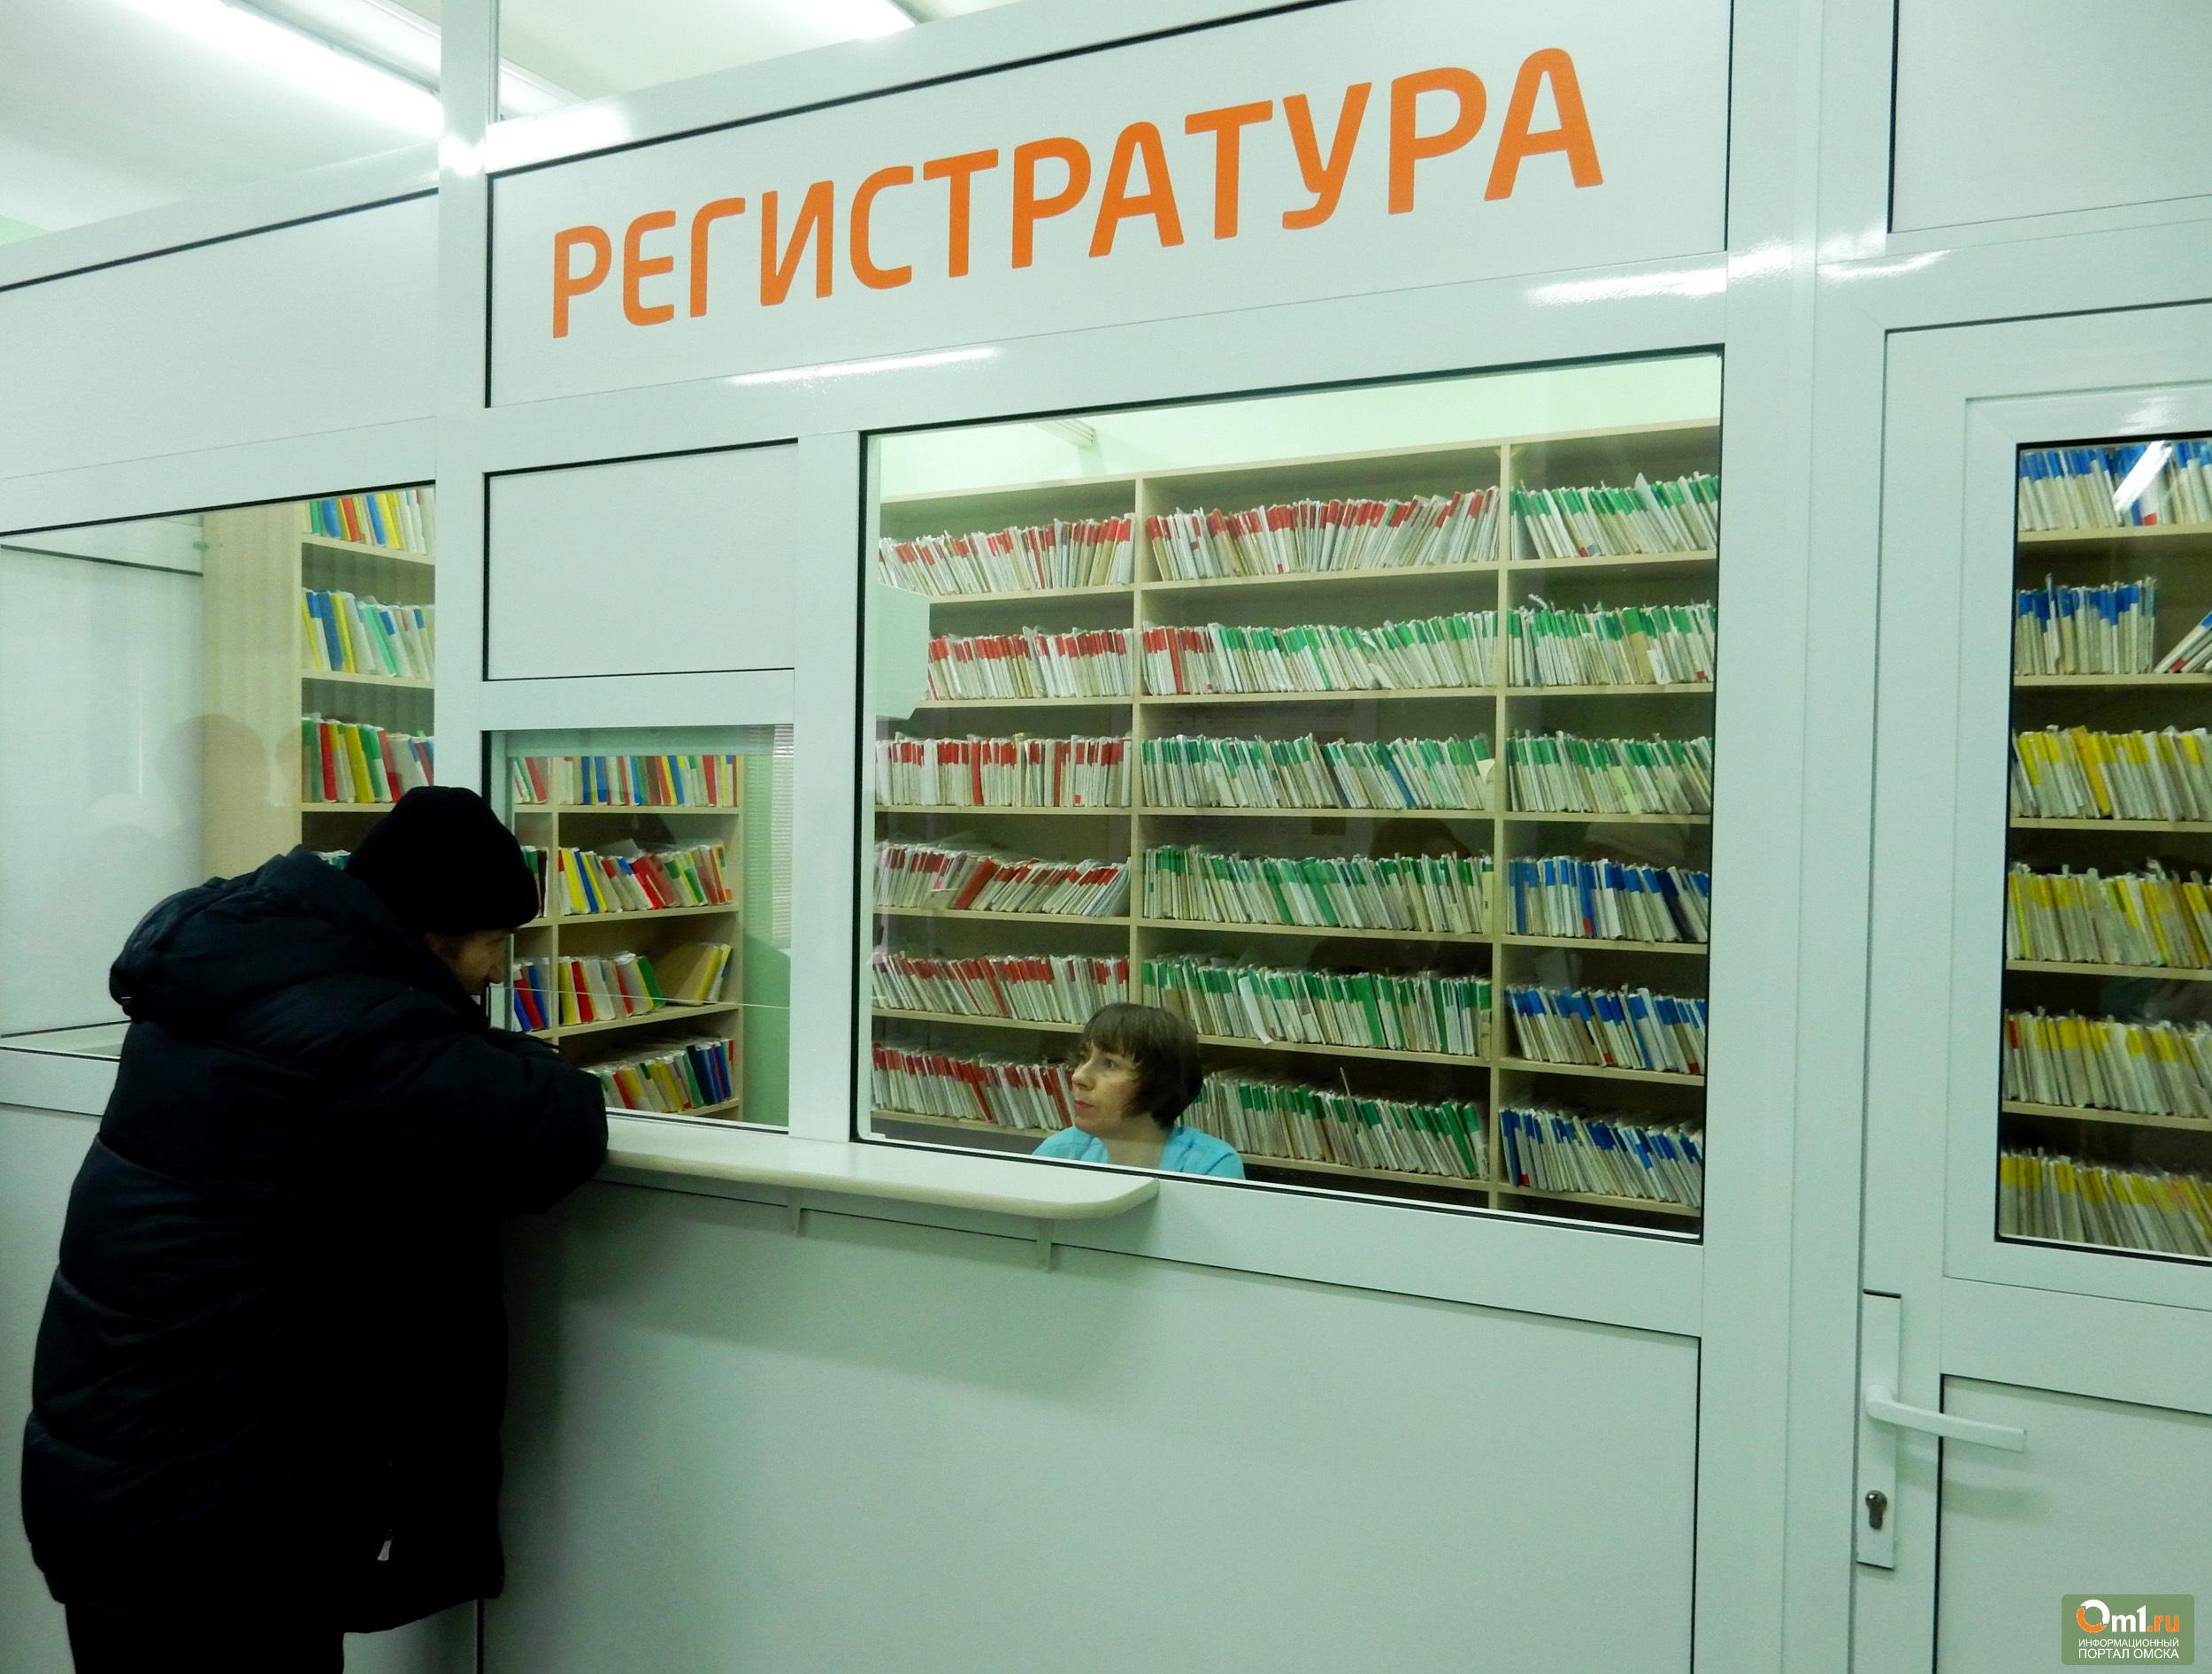 Стоматологическая поликлиника 2 сургут комсомольский 22 запись на прием